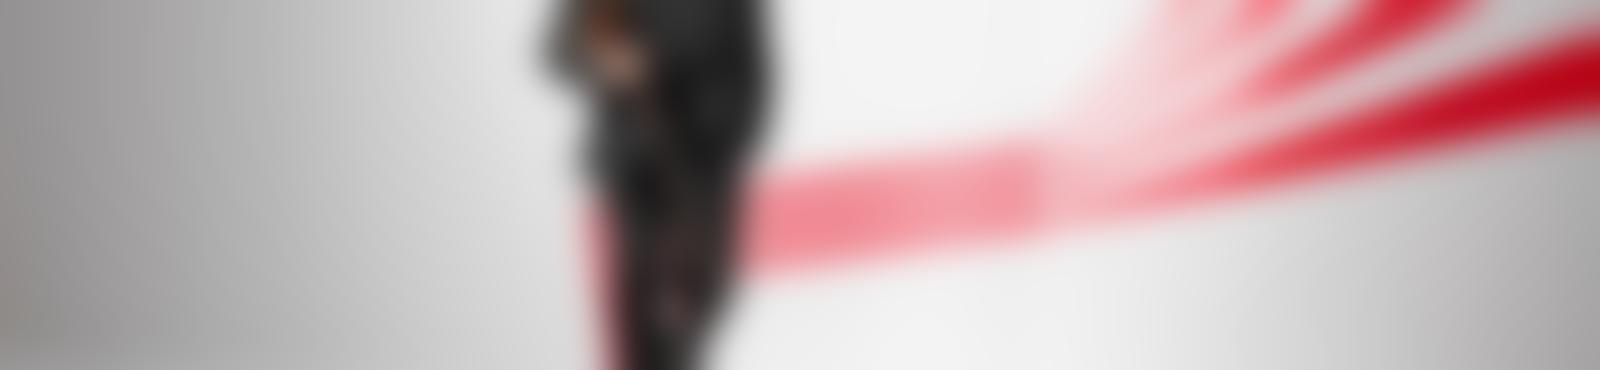 Blurred 29c8fb13 796e 43f7 a5c6 5486f1713b57